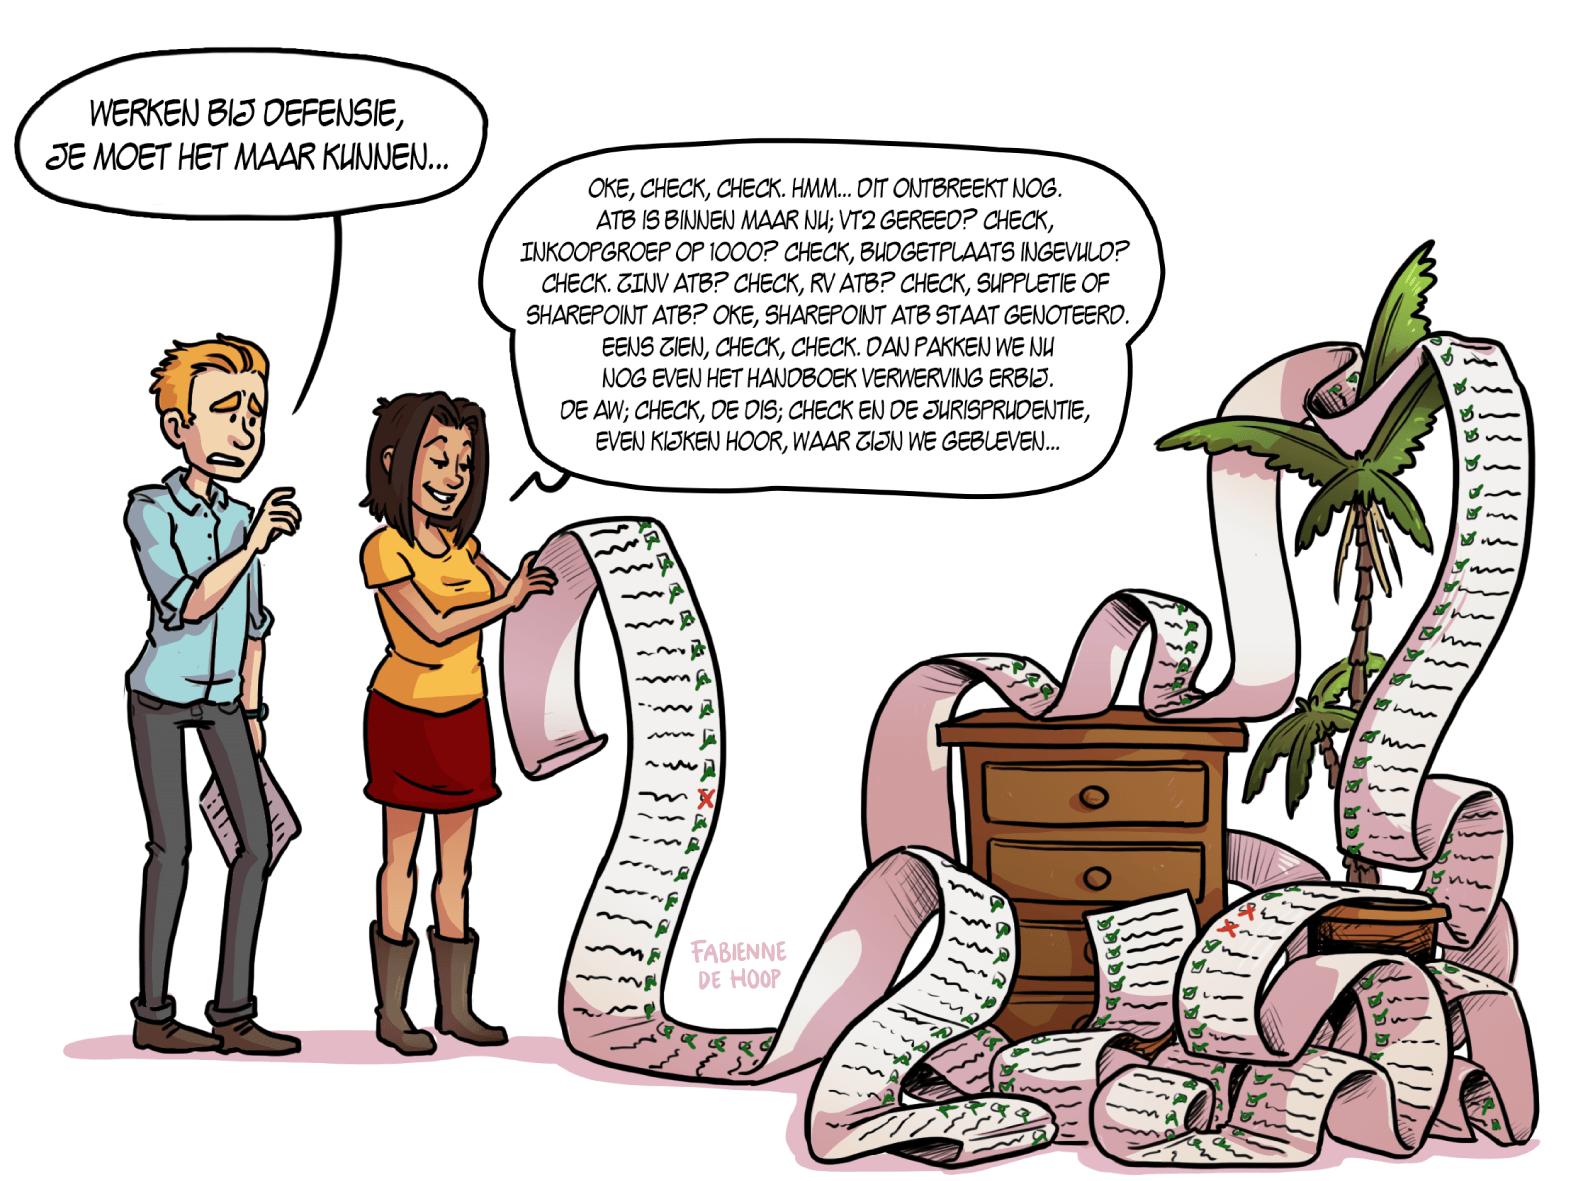 Cartoon over werken bij Defensie